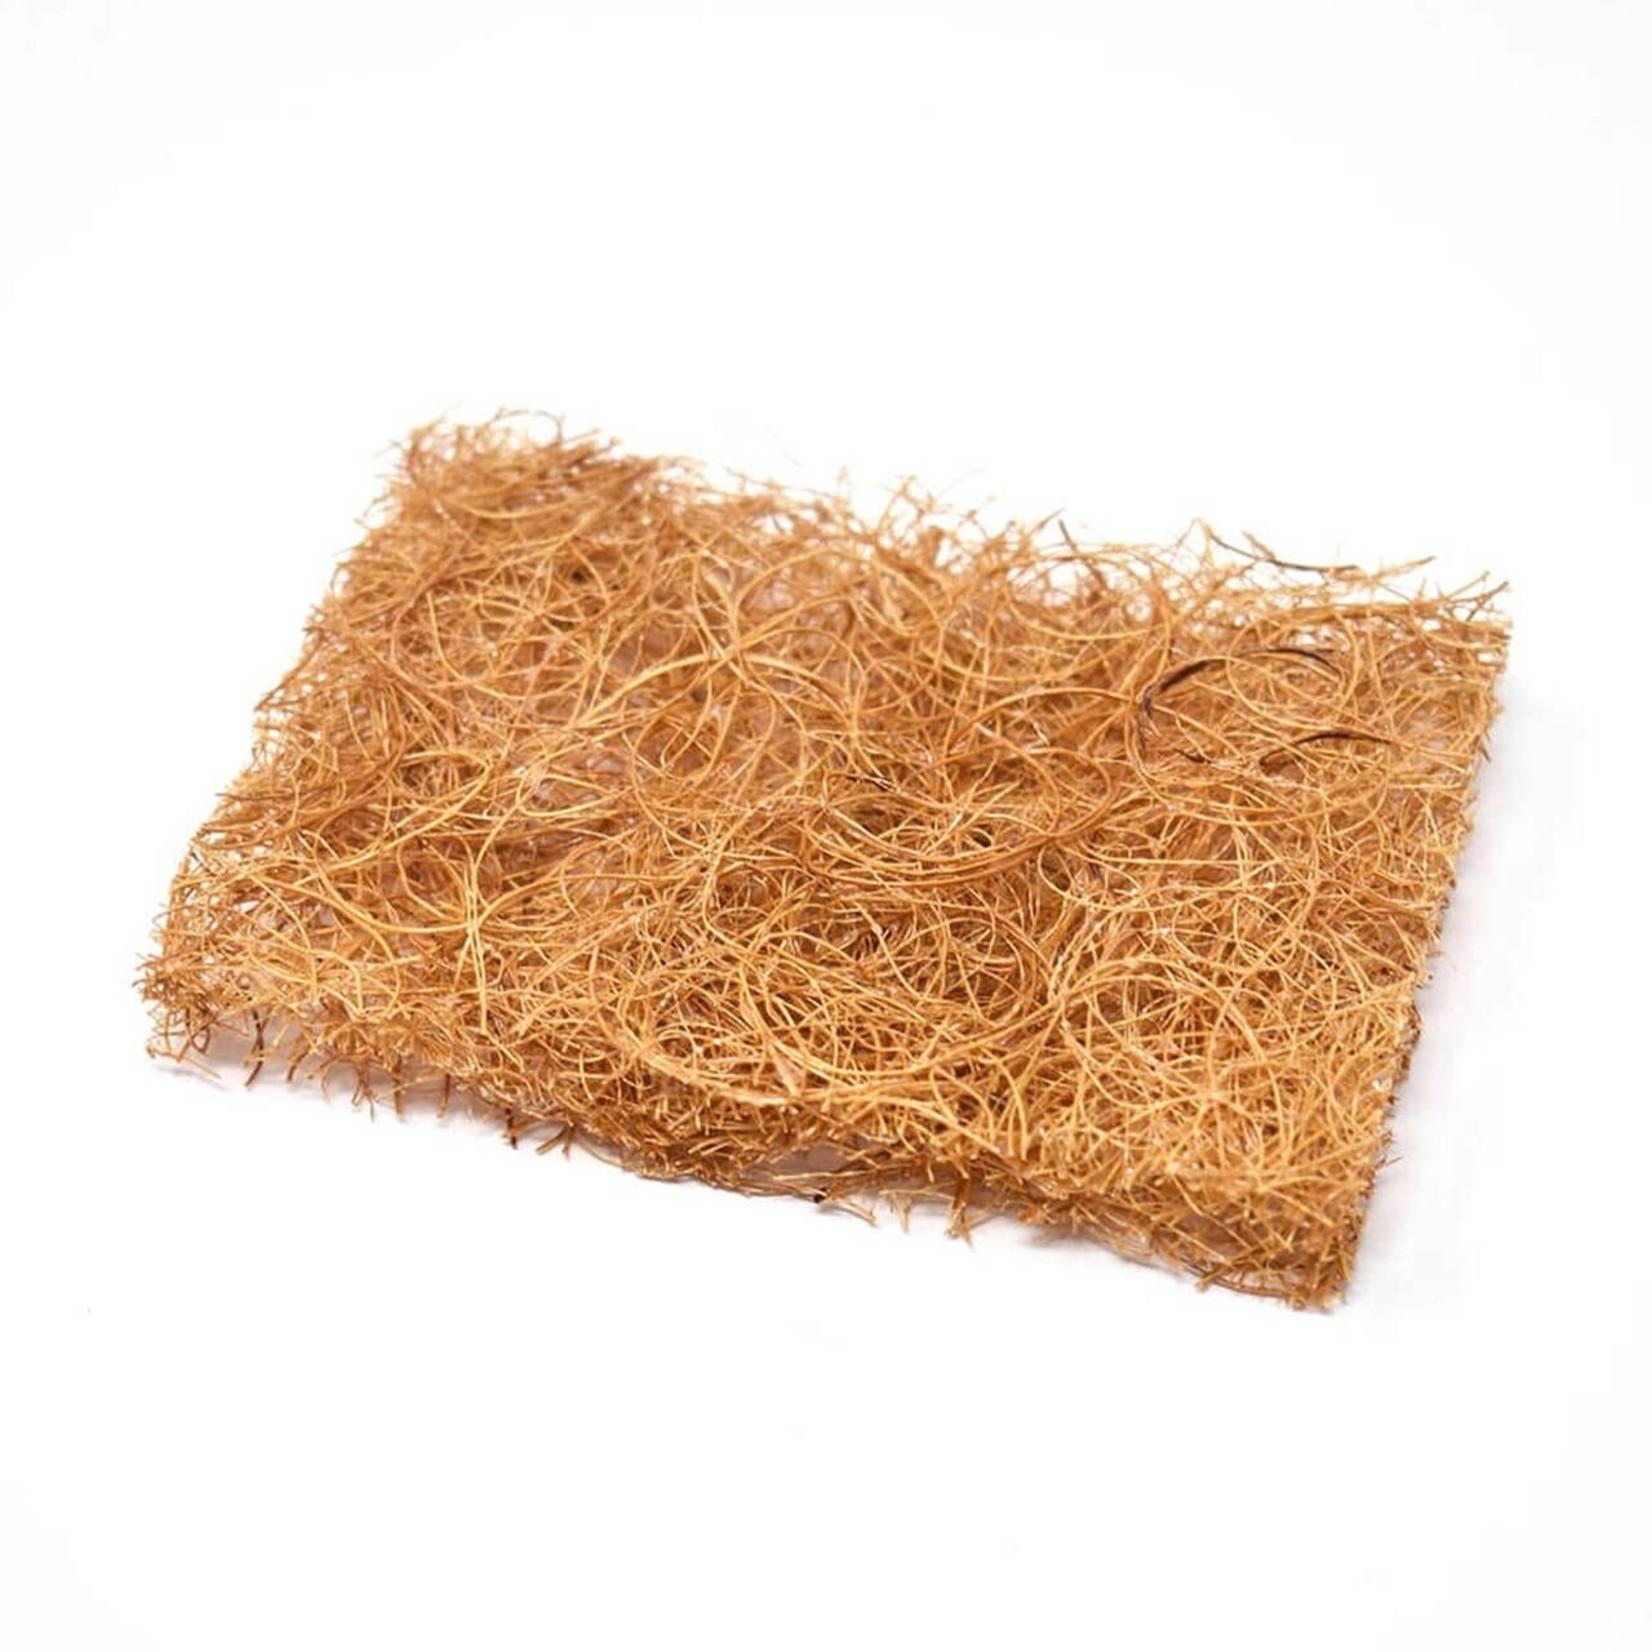 Safix Safix Coconut Fiber Soap Rest